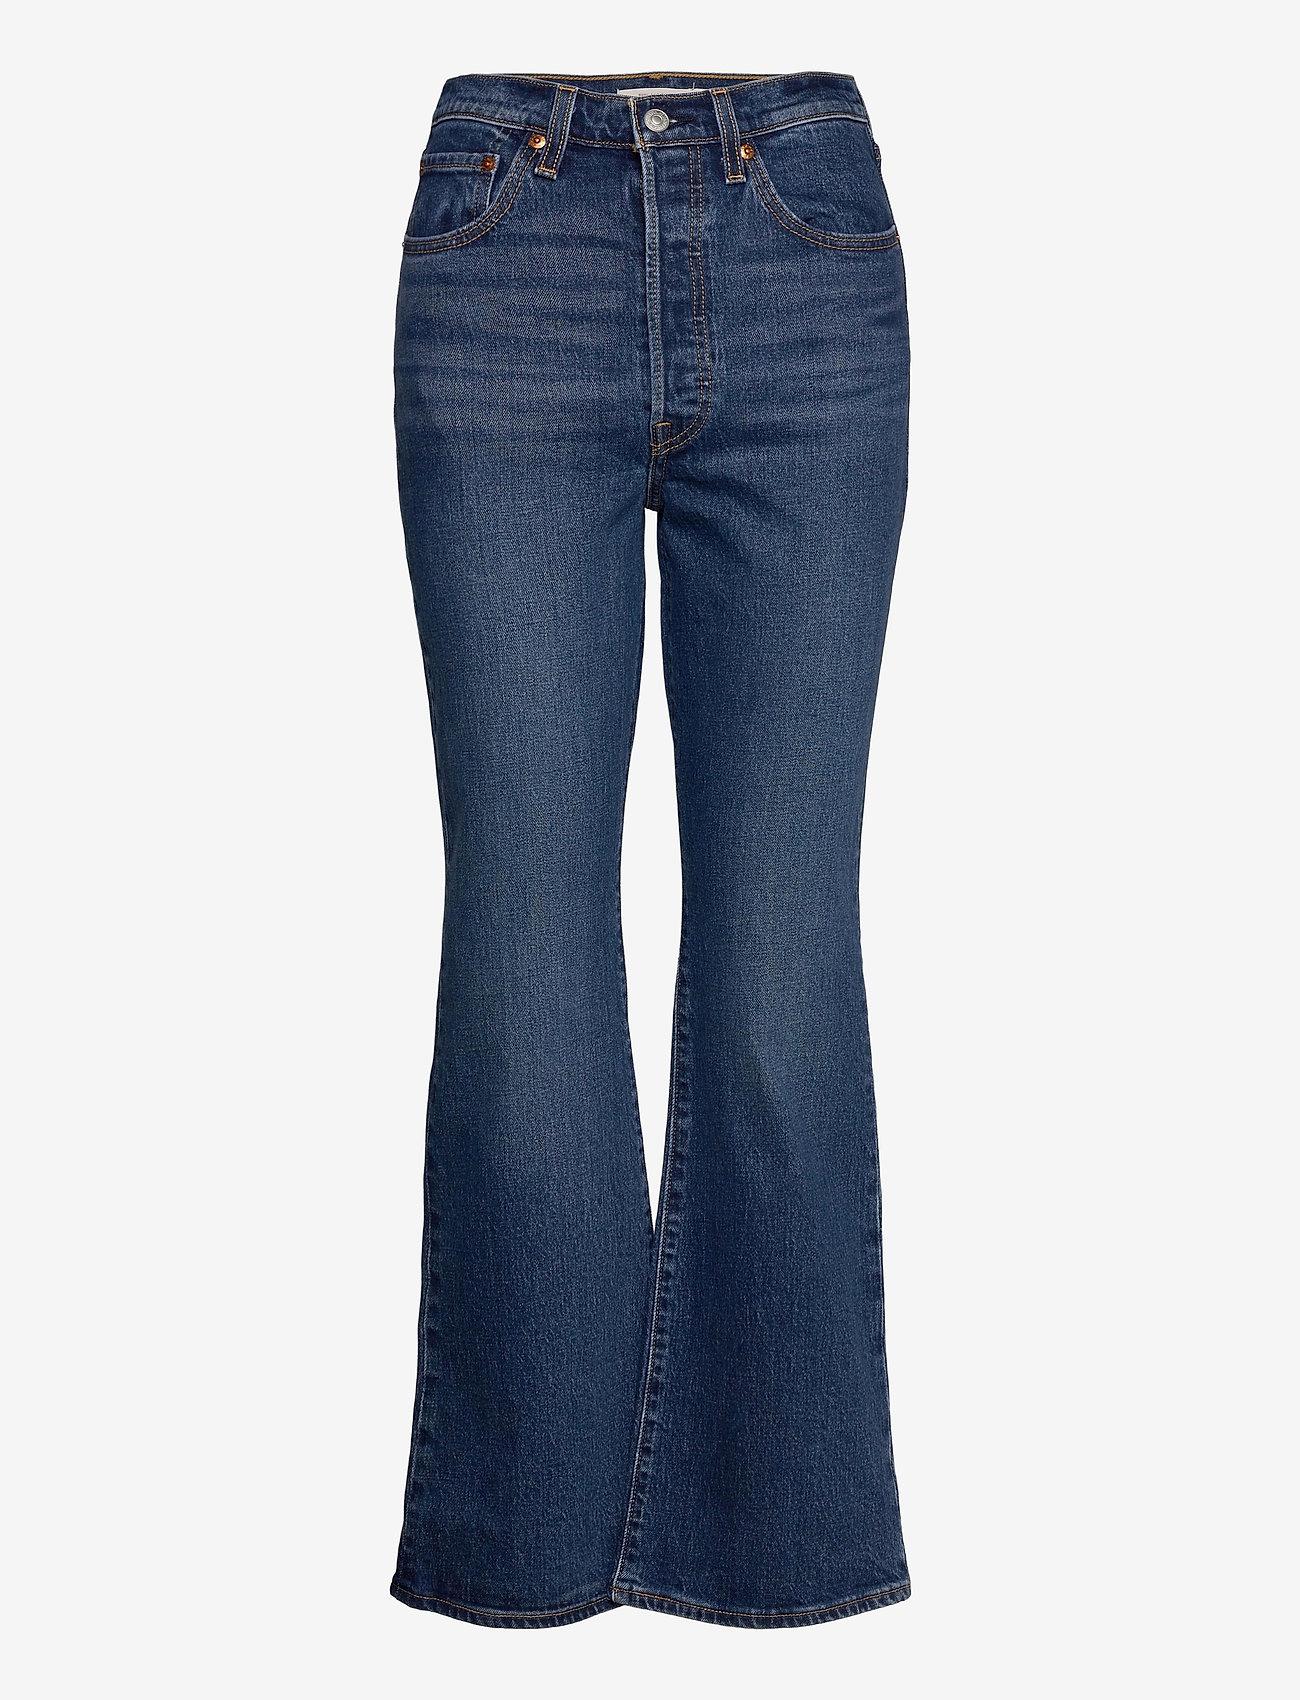 LEVI´S Women - RIBCAGE BOOT TURN UP - schlaghosen - med indigo - worn in - 0